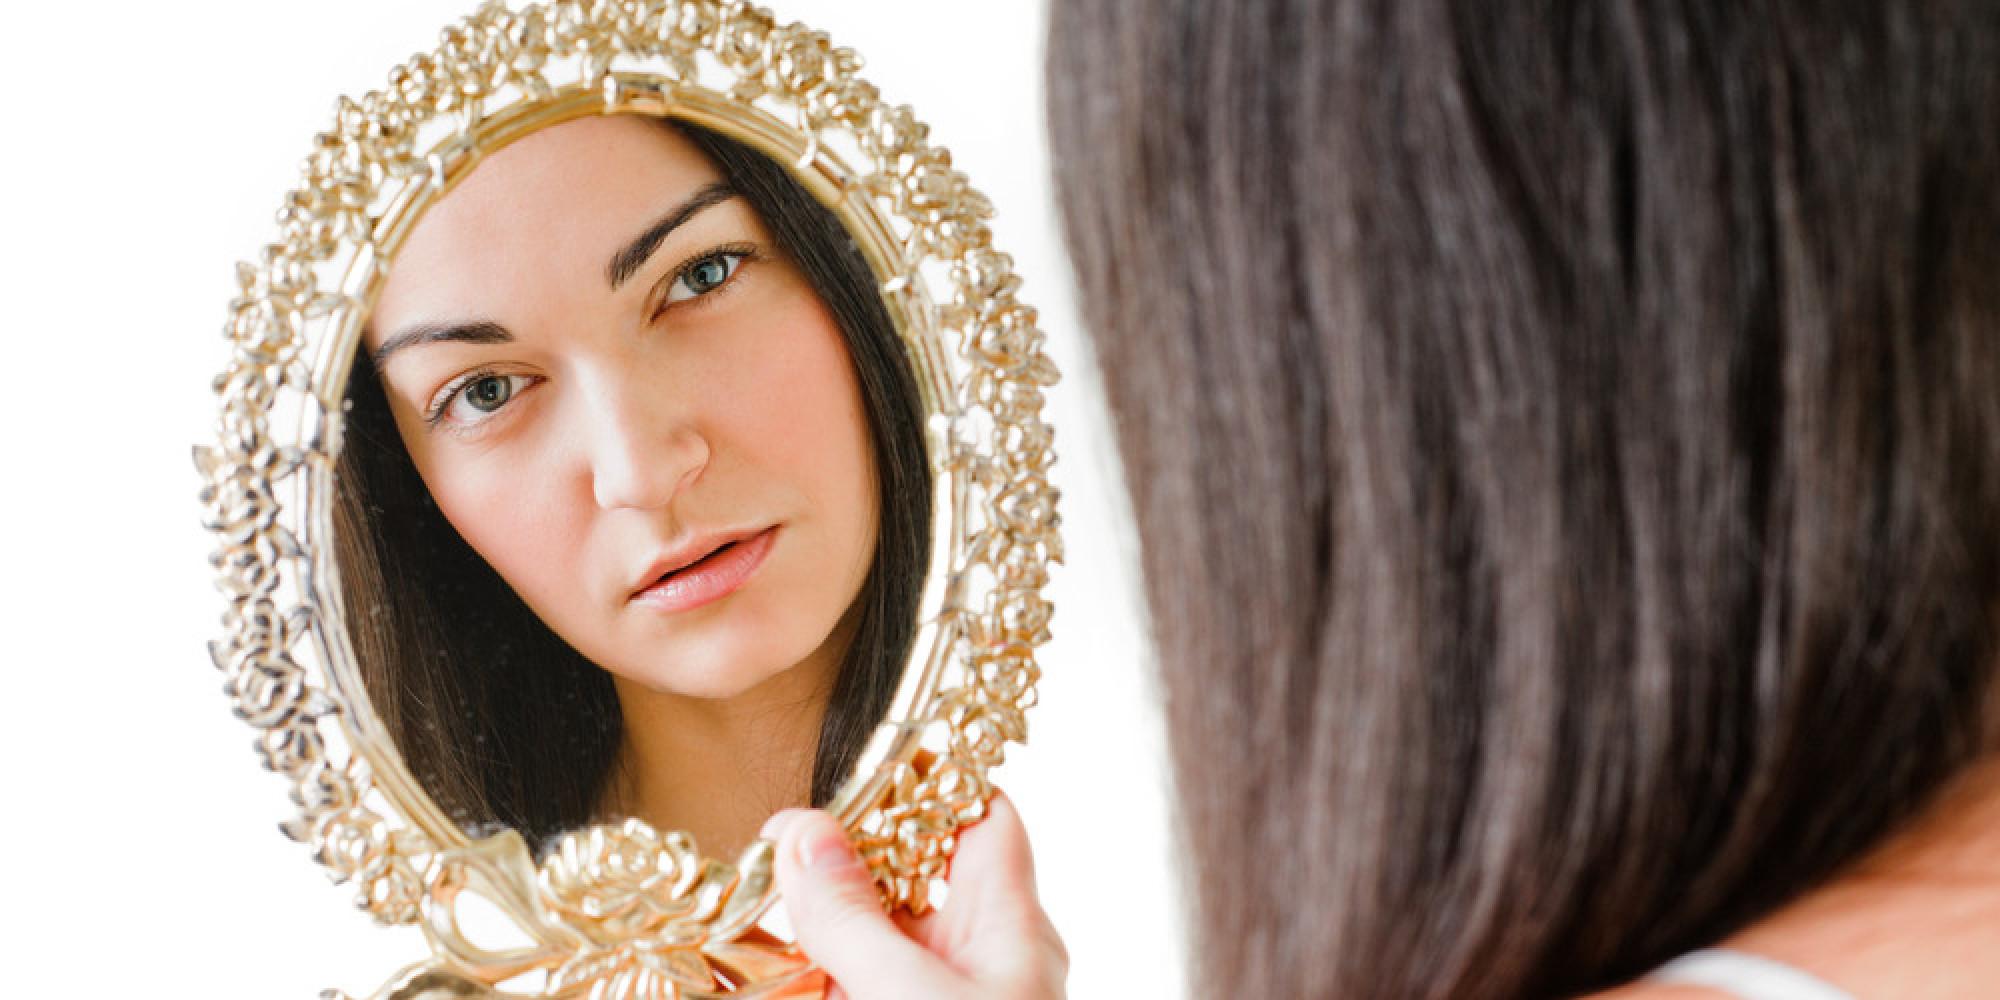 Wann wir sch n sind frauen und der blick in den spiegel for Facebook spiegel